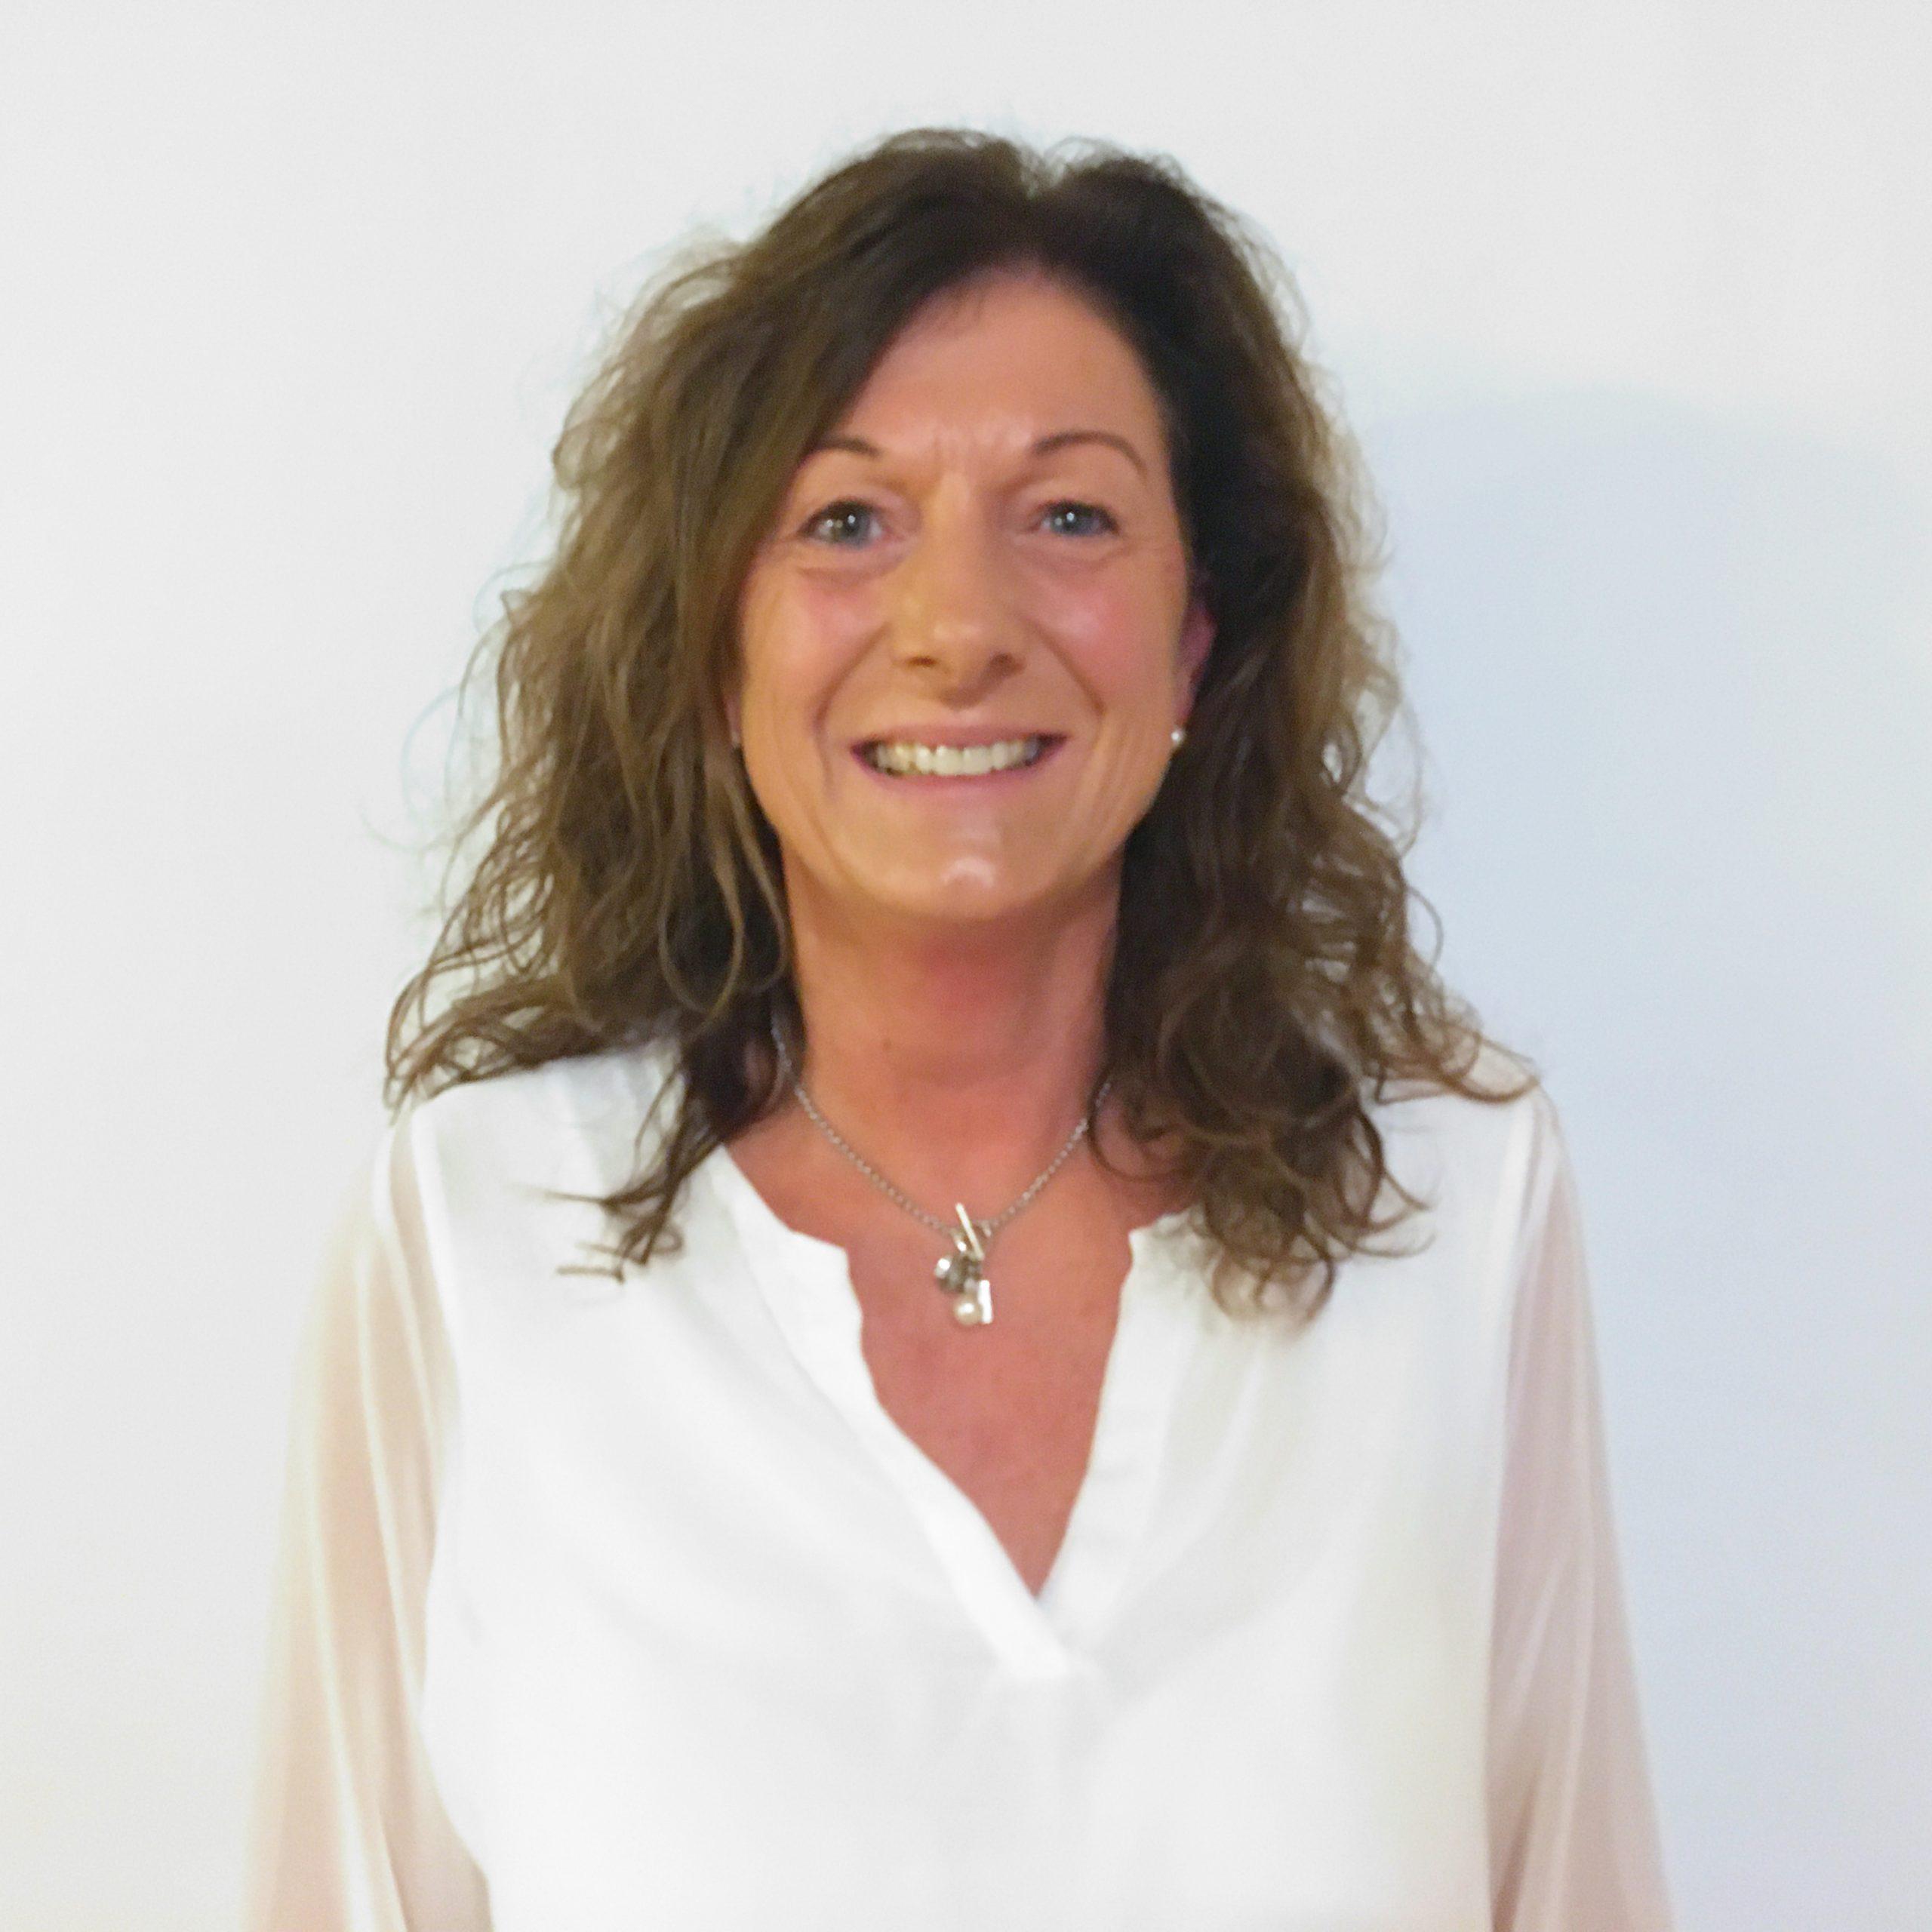 Angela Franzen-Looger (Wiesmoor), stv. Vorsitzende Öffentlichkeitsarbeit